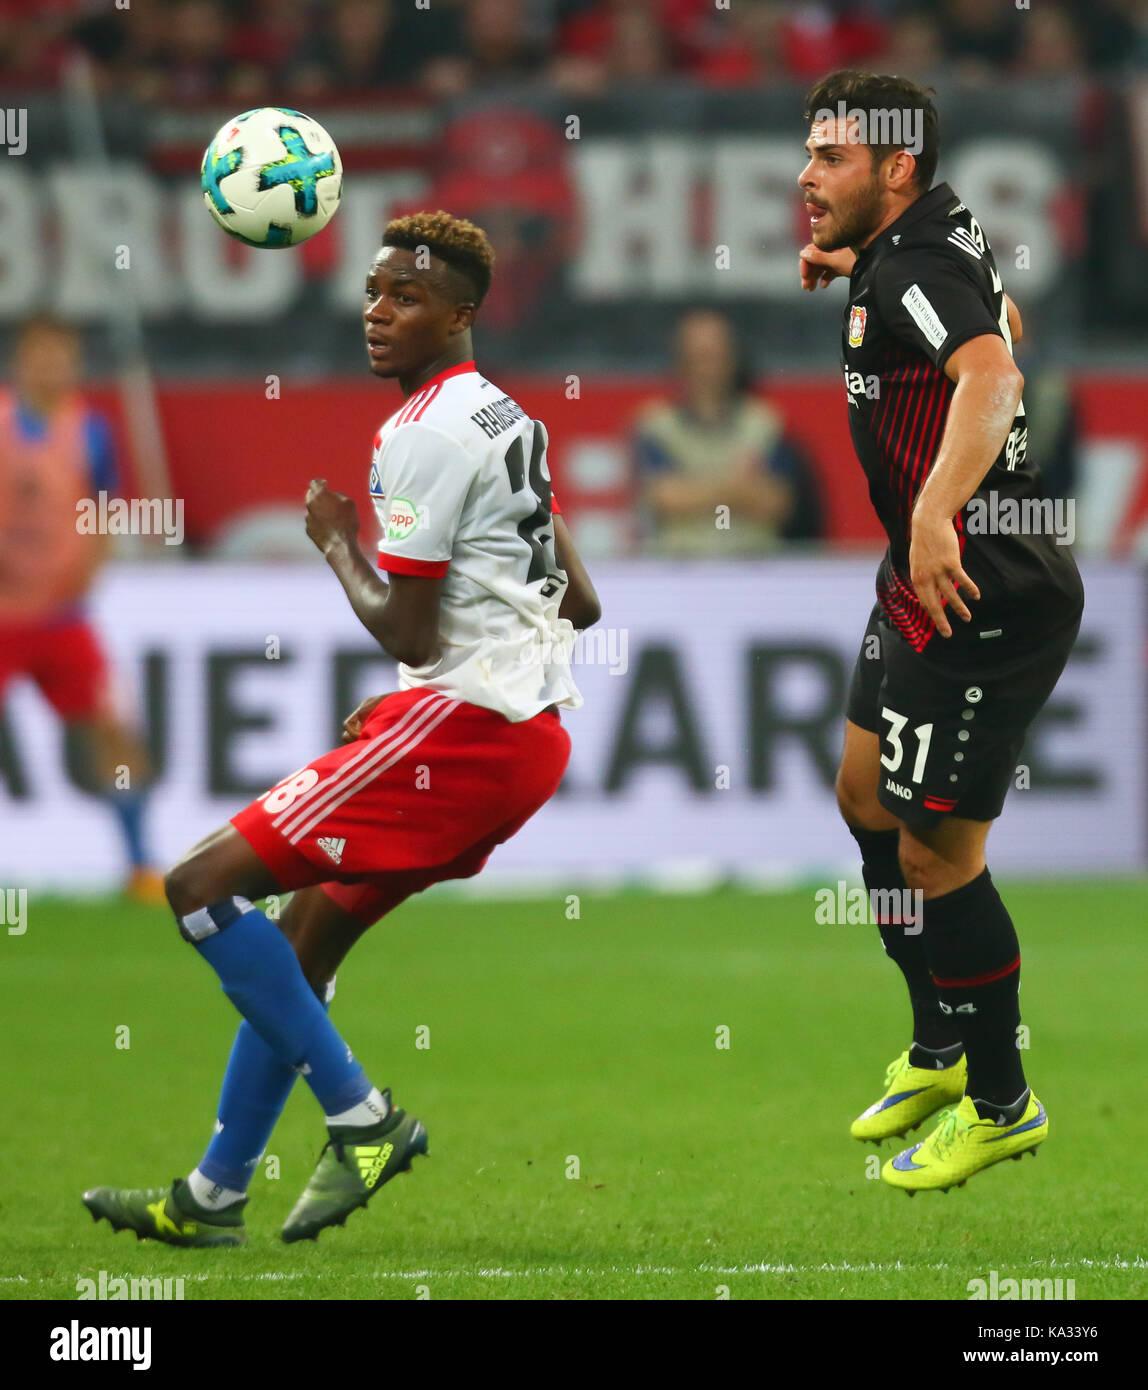 Leverkusen, Germany. 24th Sep, 2017. Leverkusen, Germany September 24, 2017, Bundesliga matchday 6, Bayer 04 Leverkusen Stock Photo